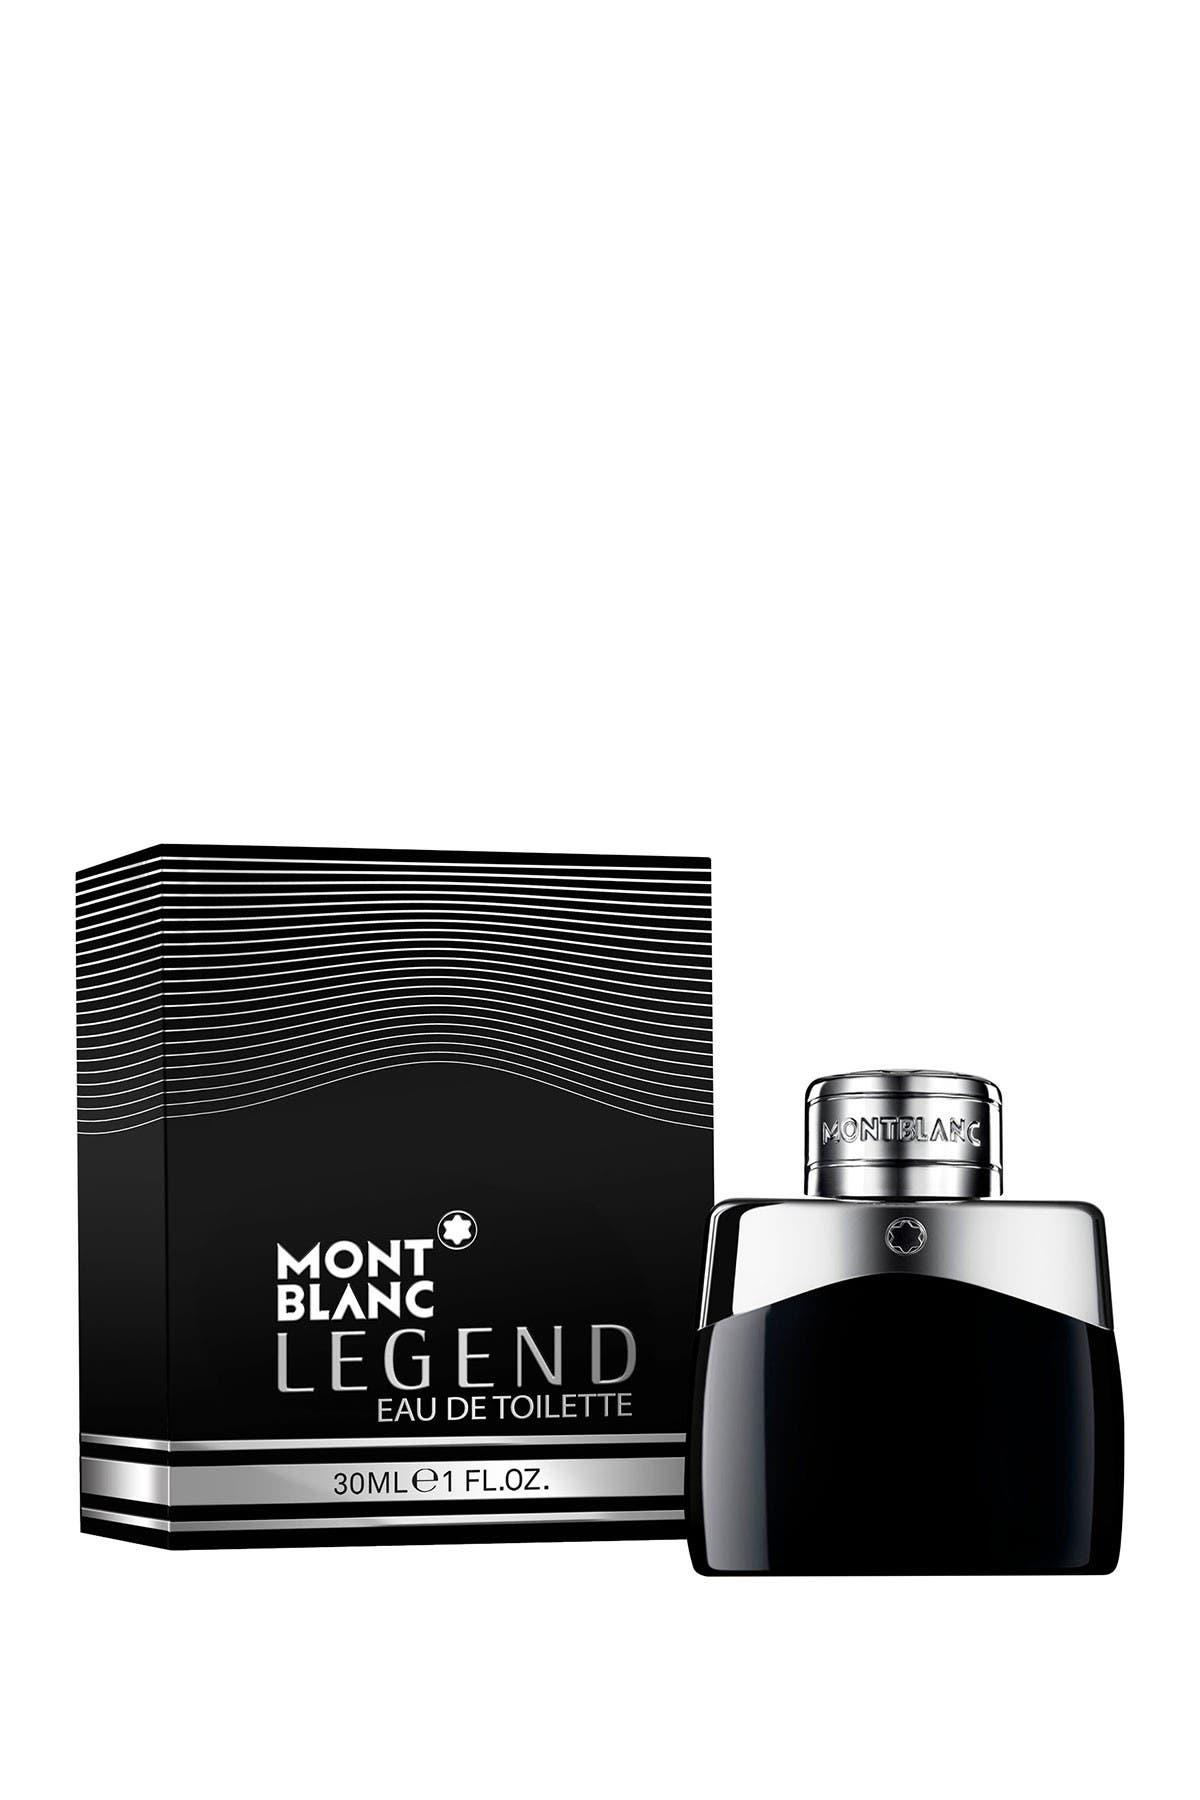 Image of Montblanc Legend Eau de Toilette Spray - 1.0 fl. oz.